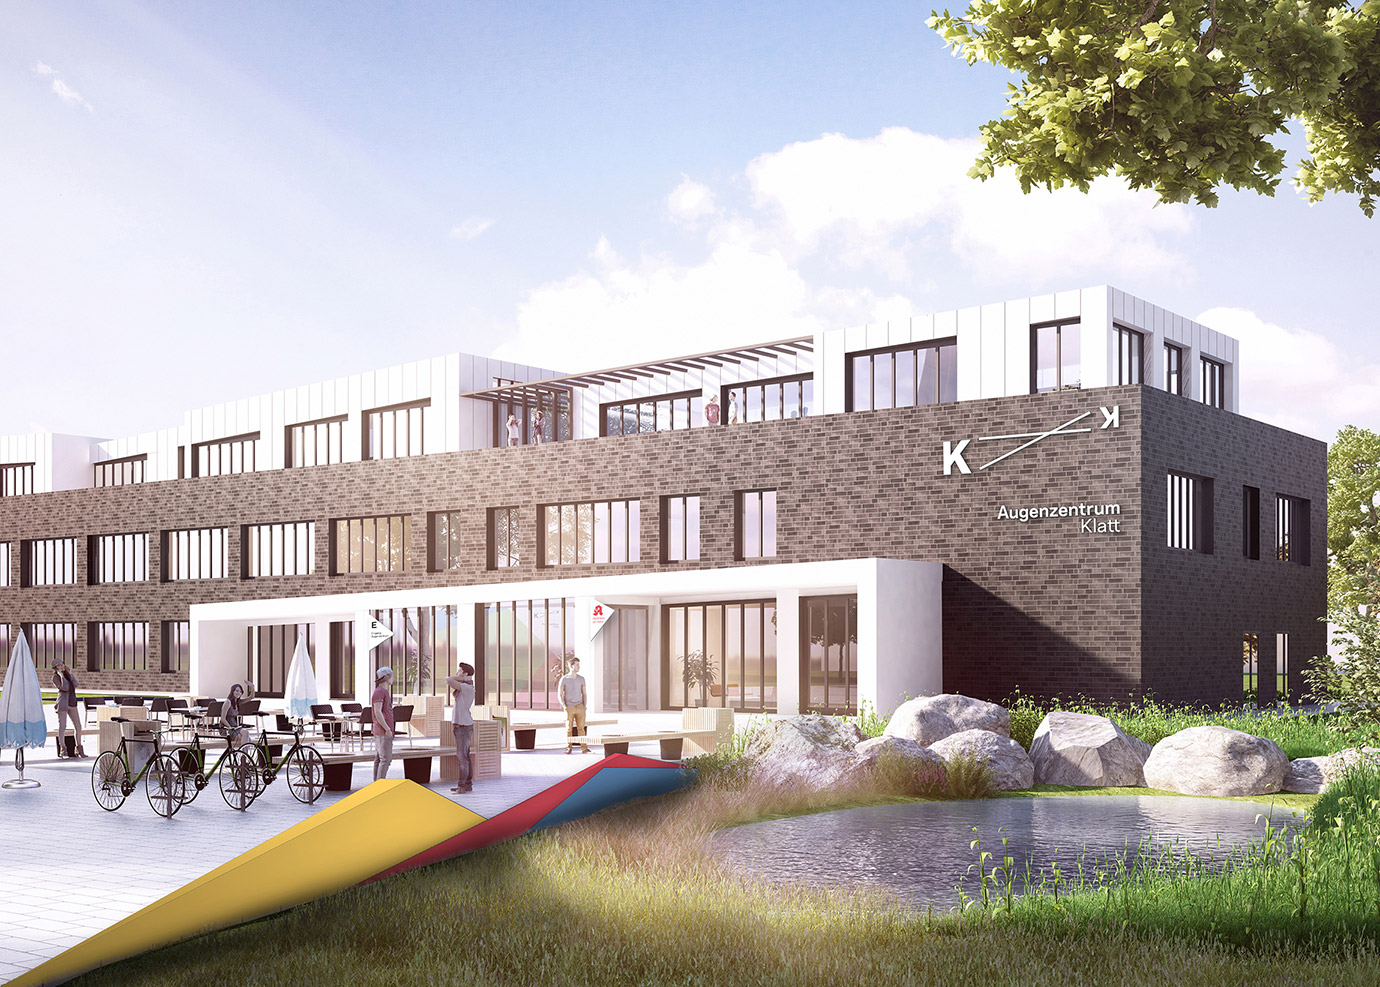 Das Augenzentrum Klatt eröffnet 2017 moderne Zentrum für Augenheilkunde